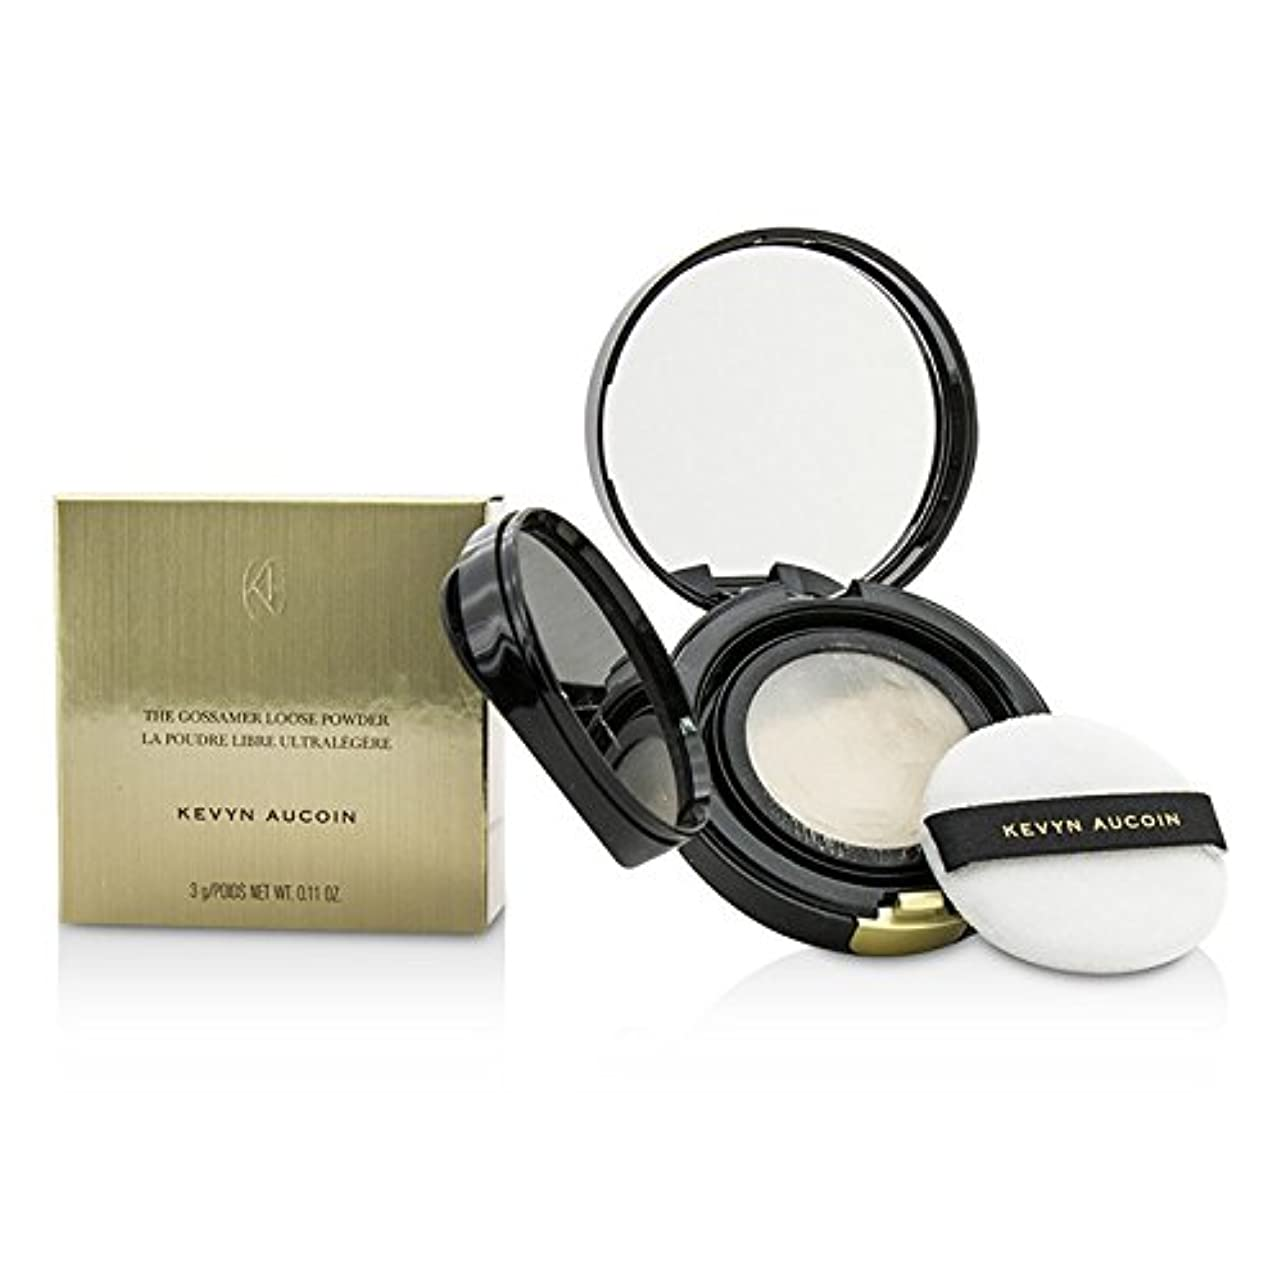 物質興奮把握ケヴィンオークイン The Gossamer Loose Powder (New Packaging) - Diaphanous (Light Translucent) 3g/0.11oz並行輸入品